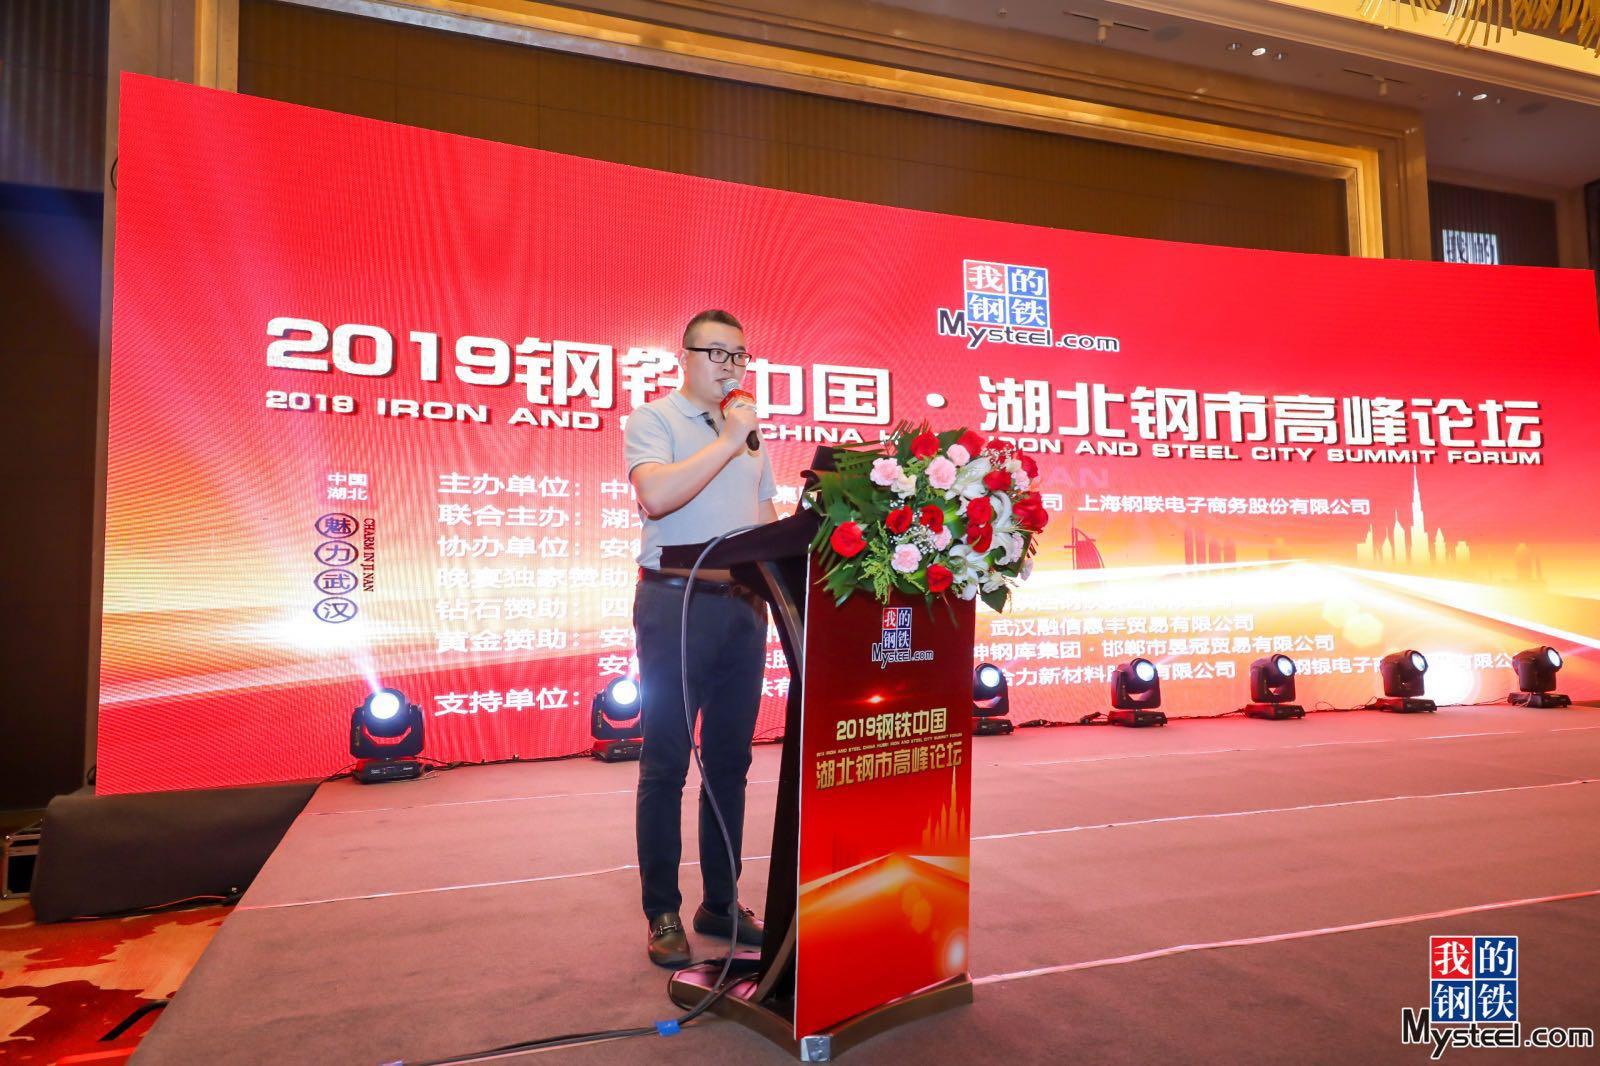 2019年安徽经济_...院教师应邀参加安徽省国际经济与贸易专业建设年会